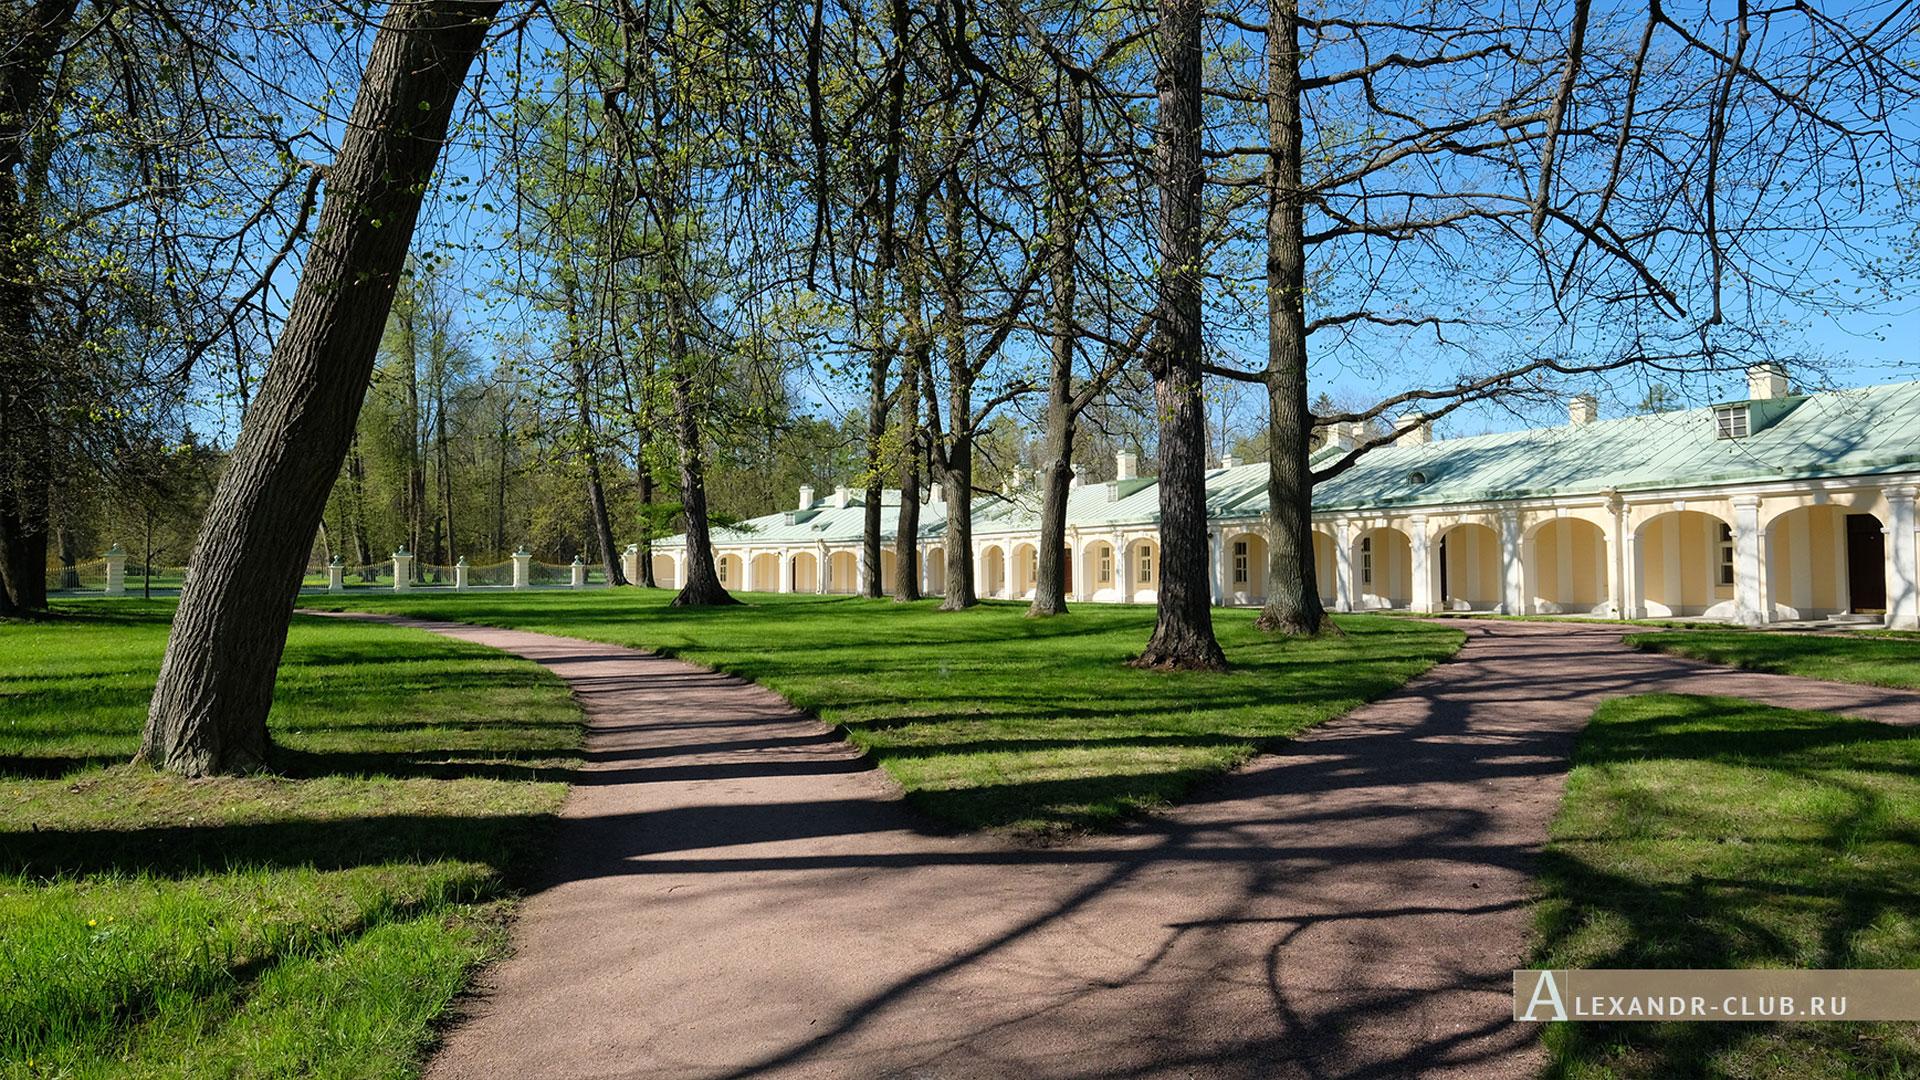 Ораниенбаум, весна, Большой Меншиковский дворец, служебный флигель